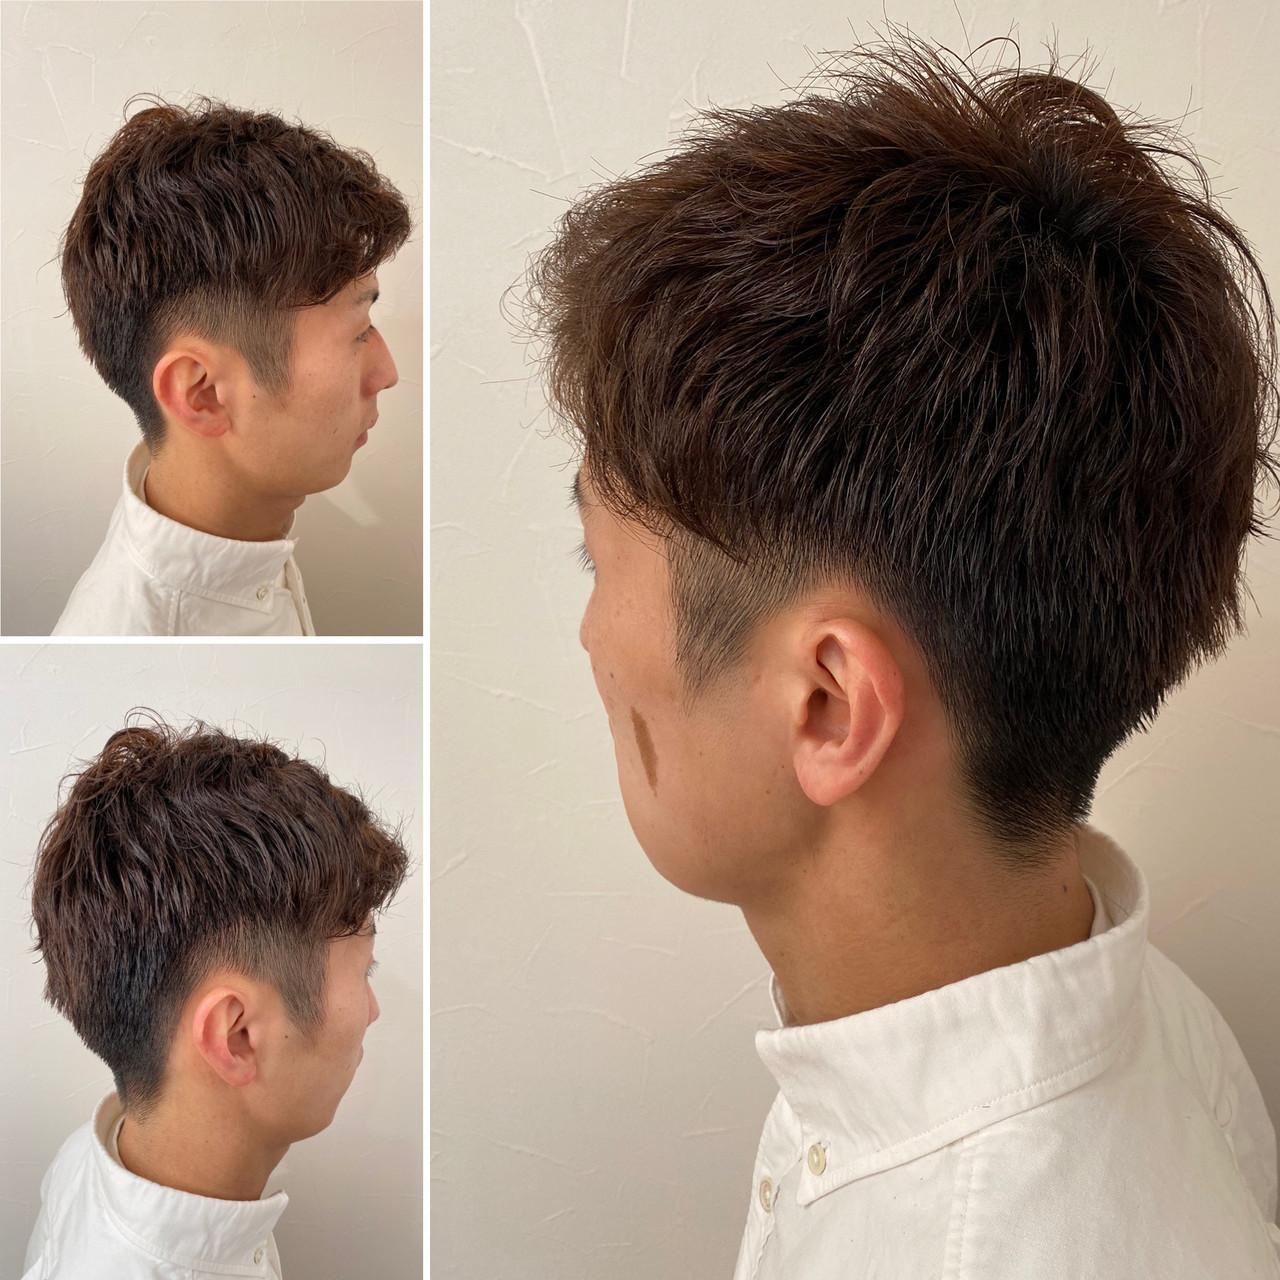 くせ毛 メンズパーマ ショートヘア ナチュラル ヘアスタイルや髪型の写真・画像